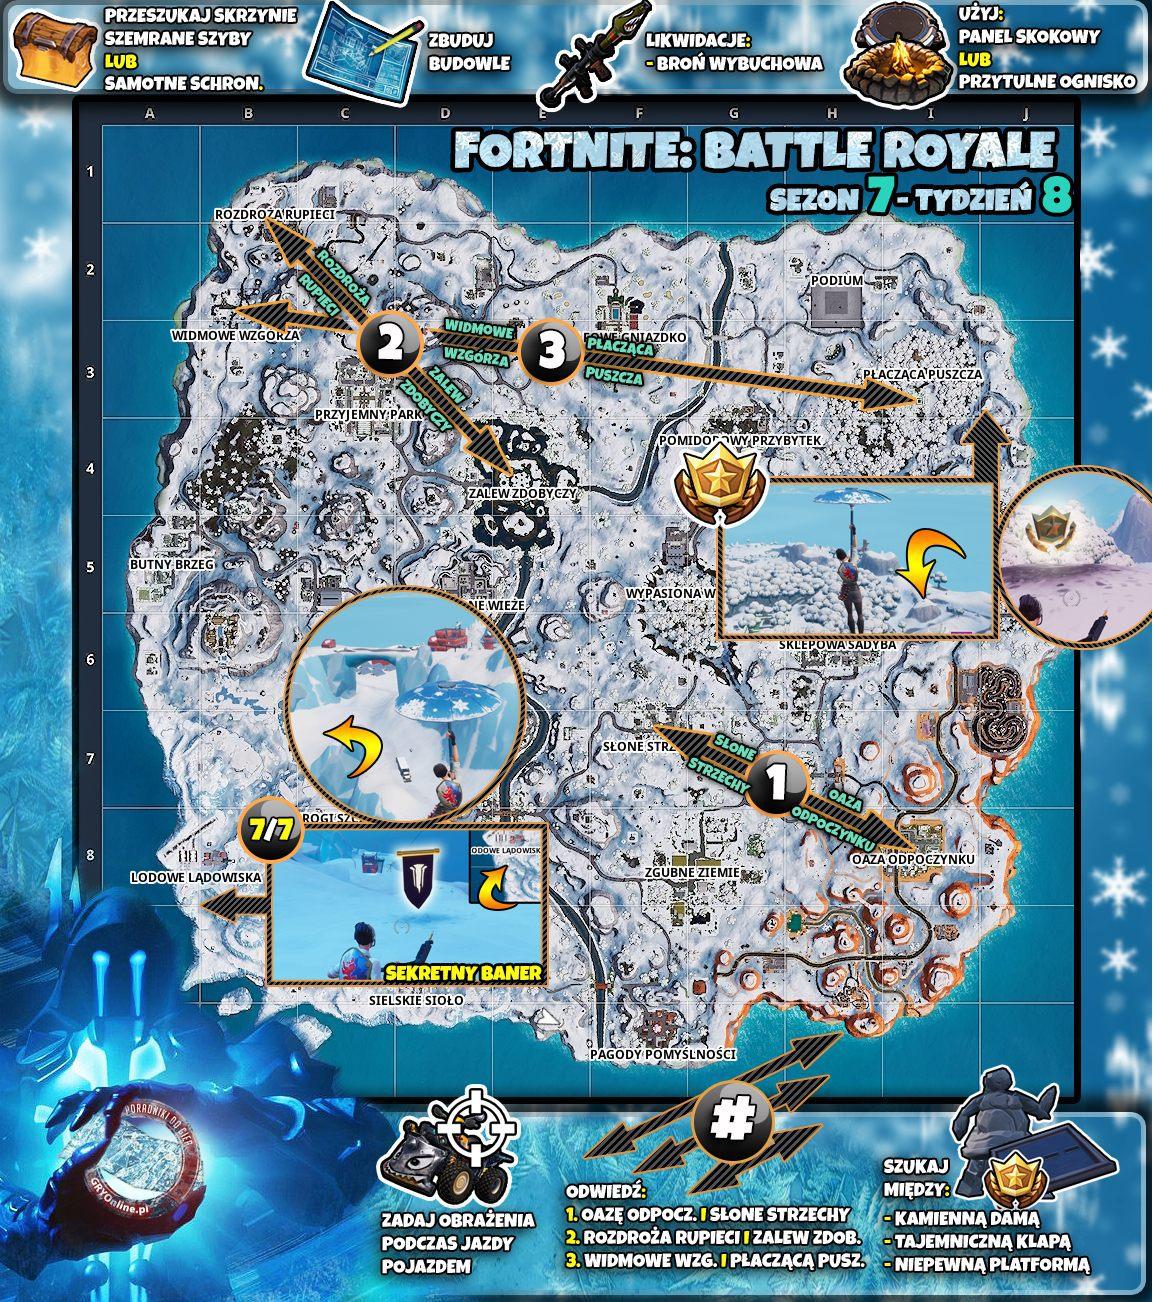 Mapa Wyzwań Sezon 7 Tydzień 8 Wyzwania Fortnite Battle Royale